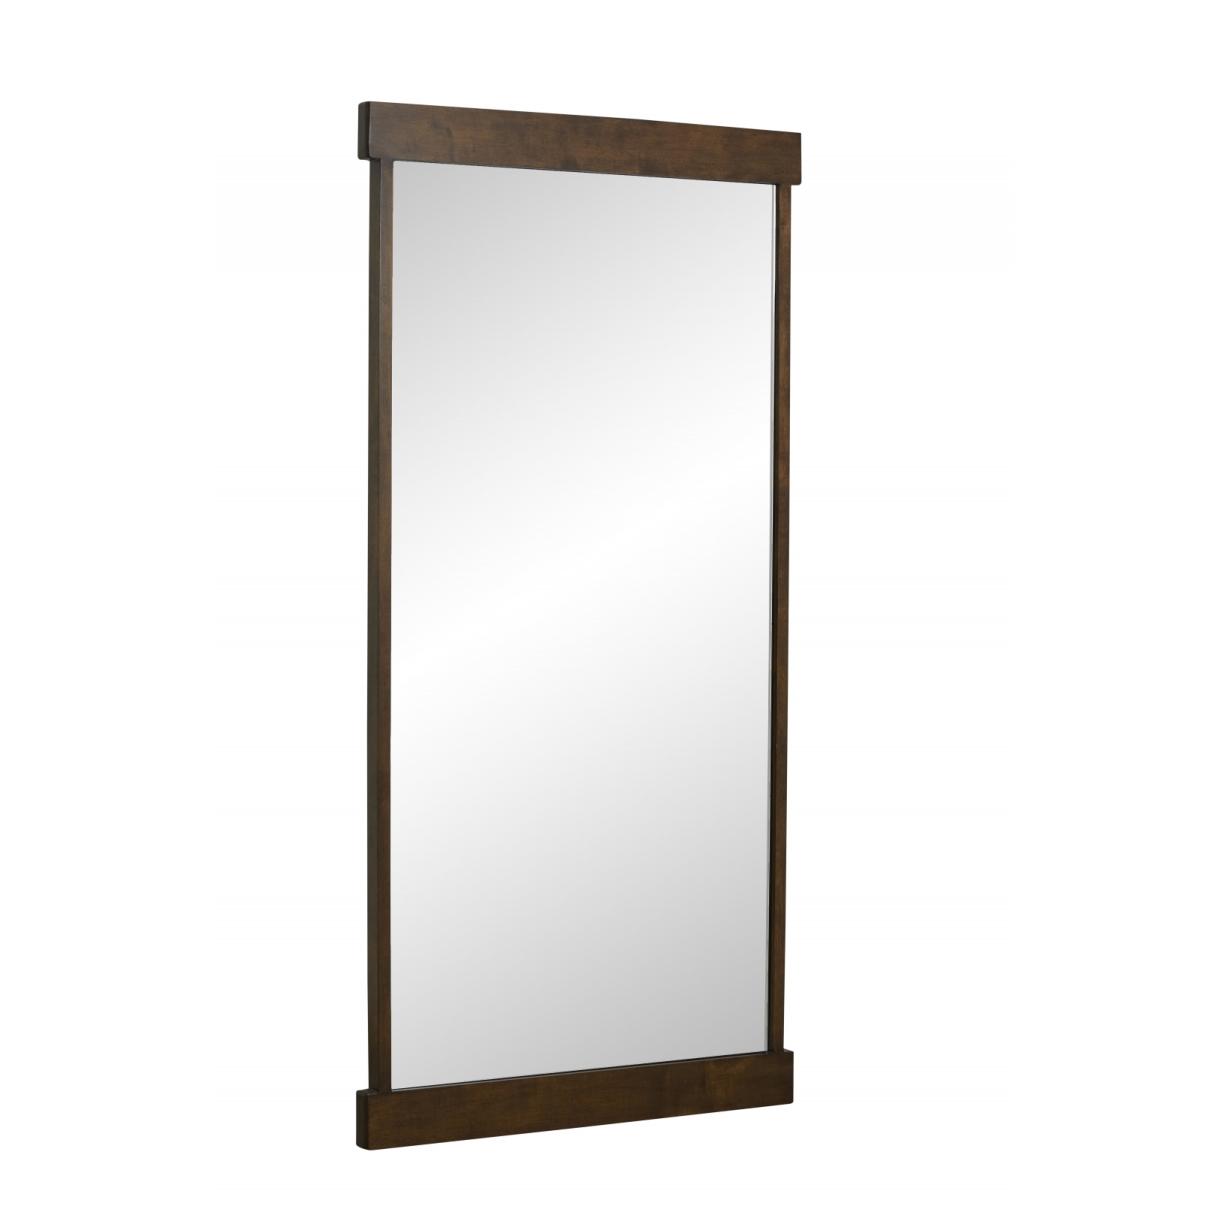 Spegel mörk träram 180 cm Nordal